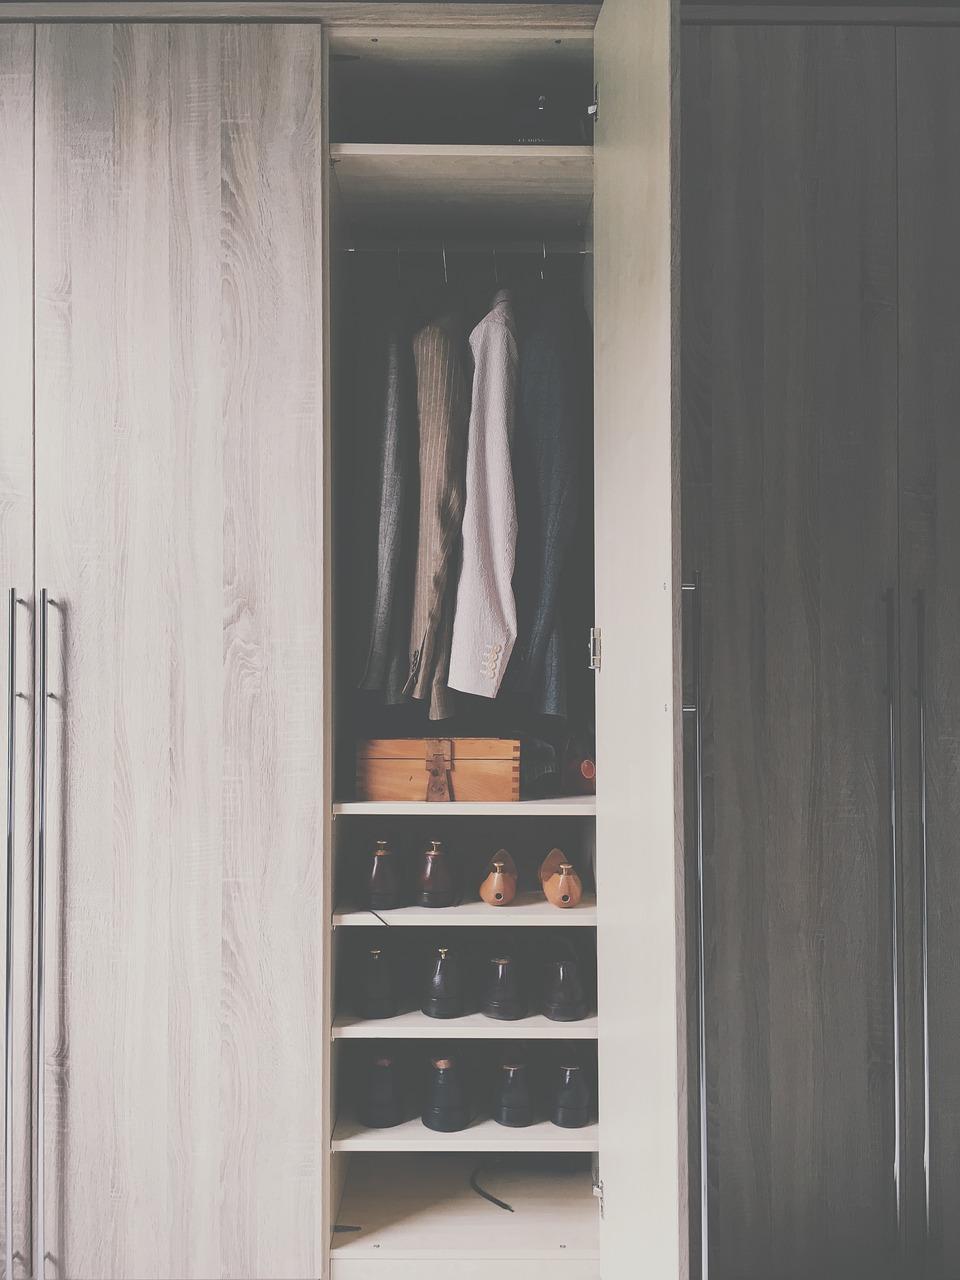 การทำความสะอาดตู้เสื้อผ้า เรื่องเล็กๆ ที่ทุกคนมองข้าม